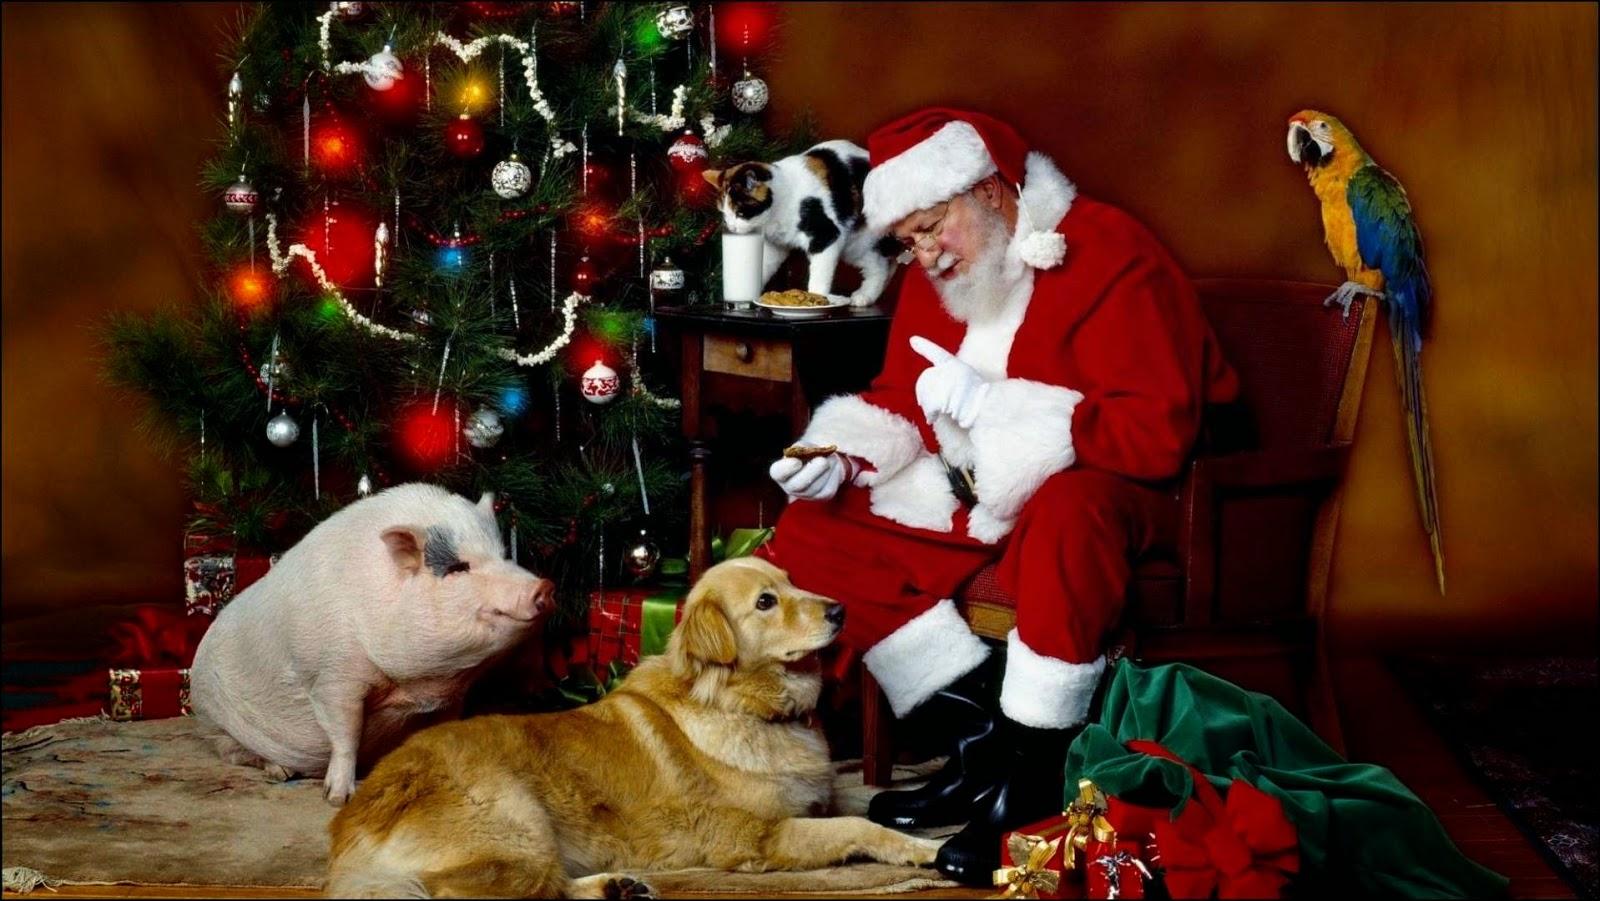 Papá Noel con animales junto al árbol navideño